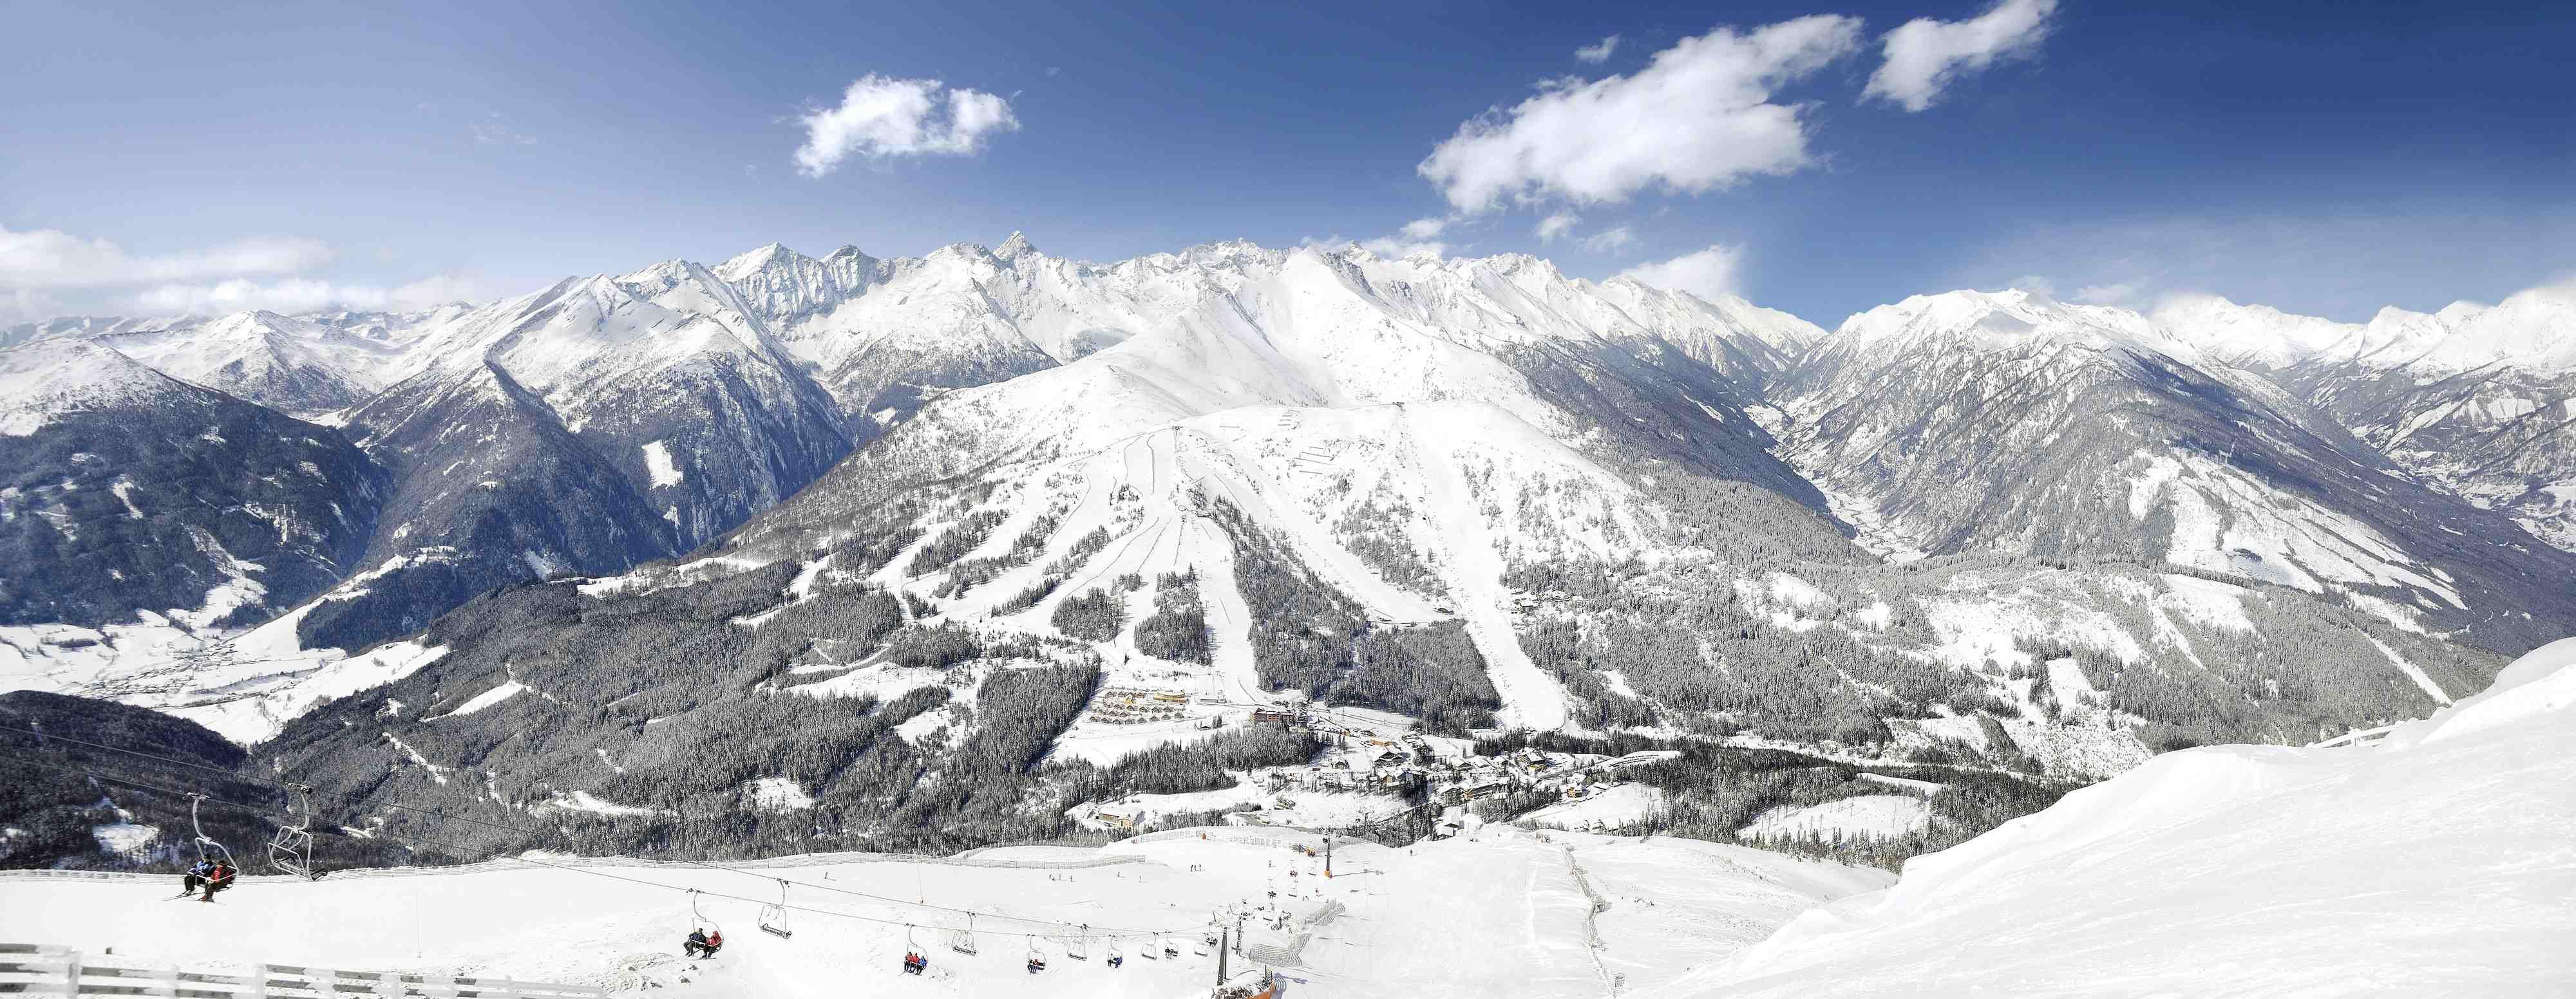 Tolle Aussichten für einen Familienurlaub: Der Katschberg im Winter.  Foto: (c) Tourismusregion Katschberg